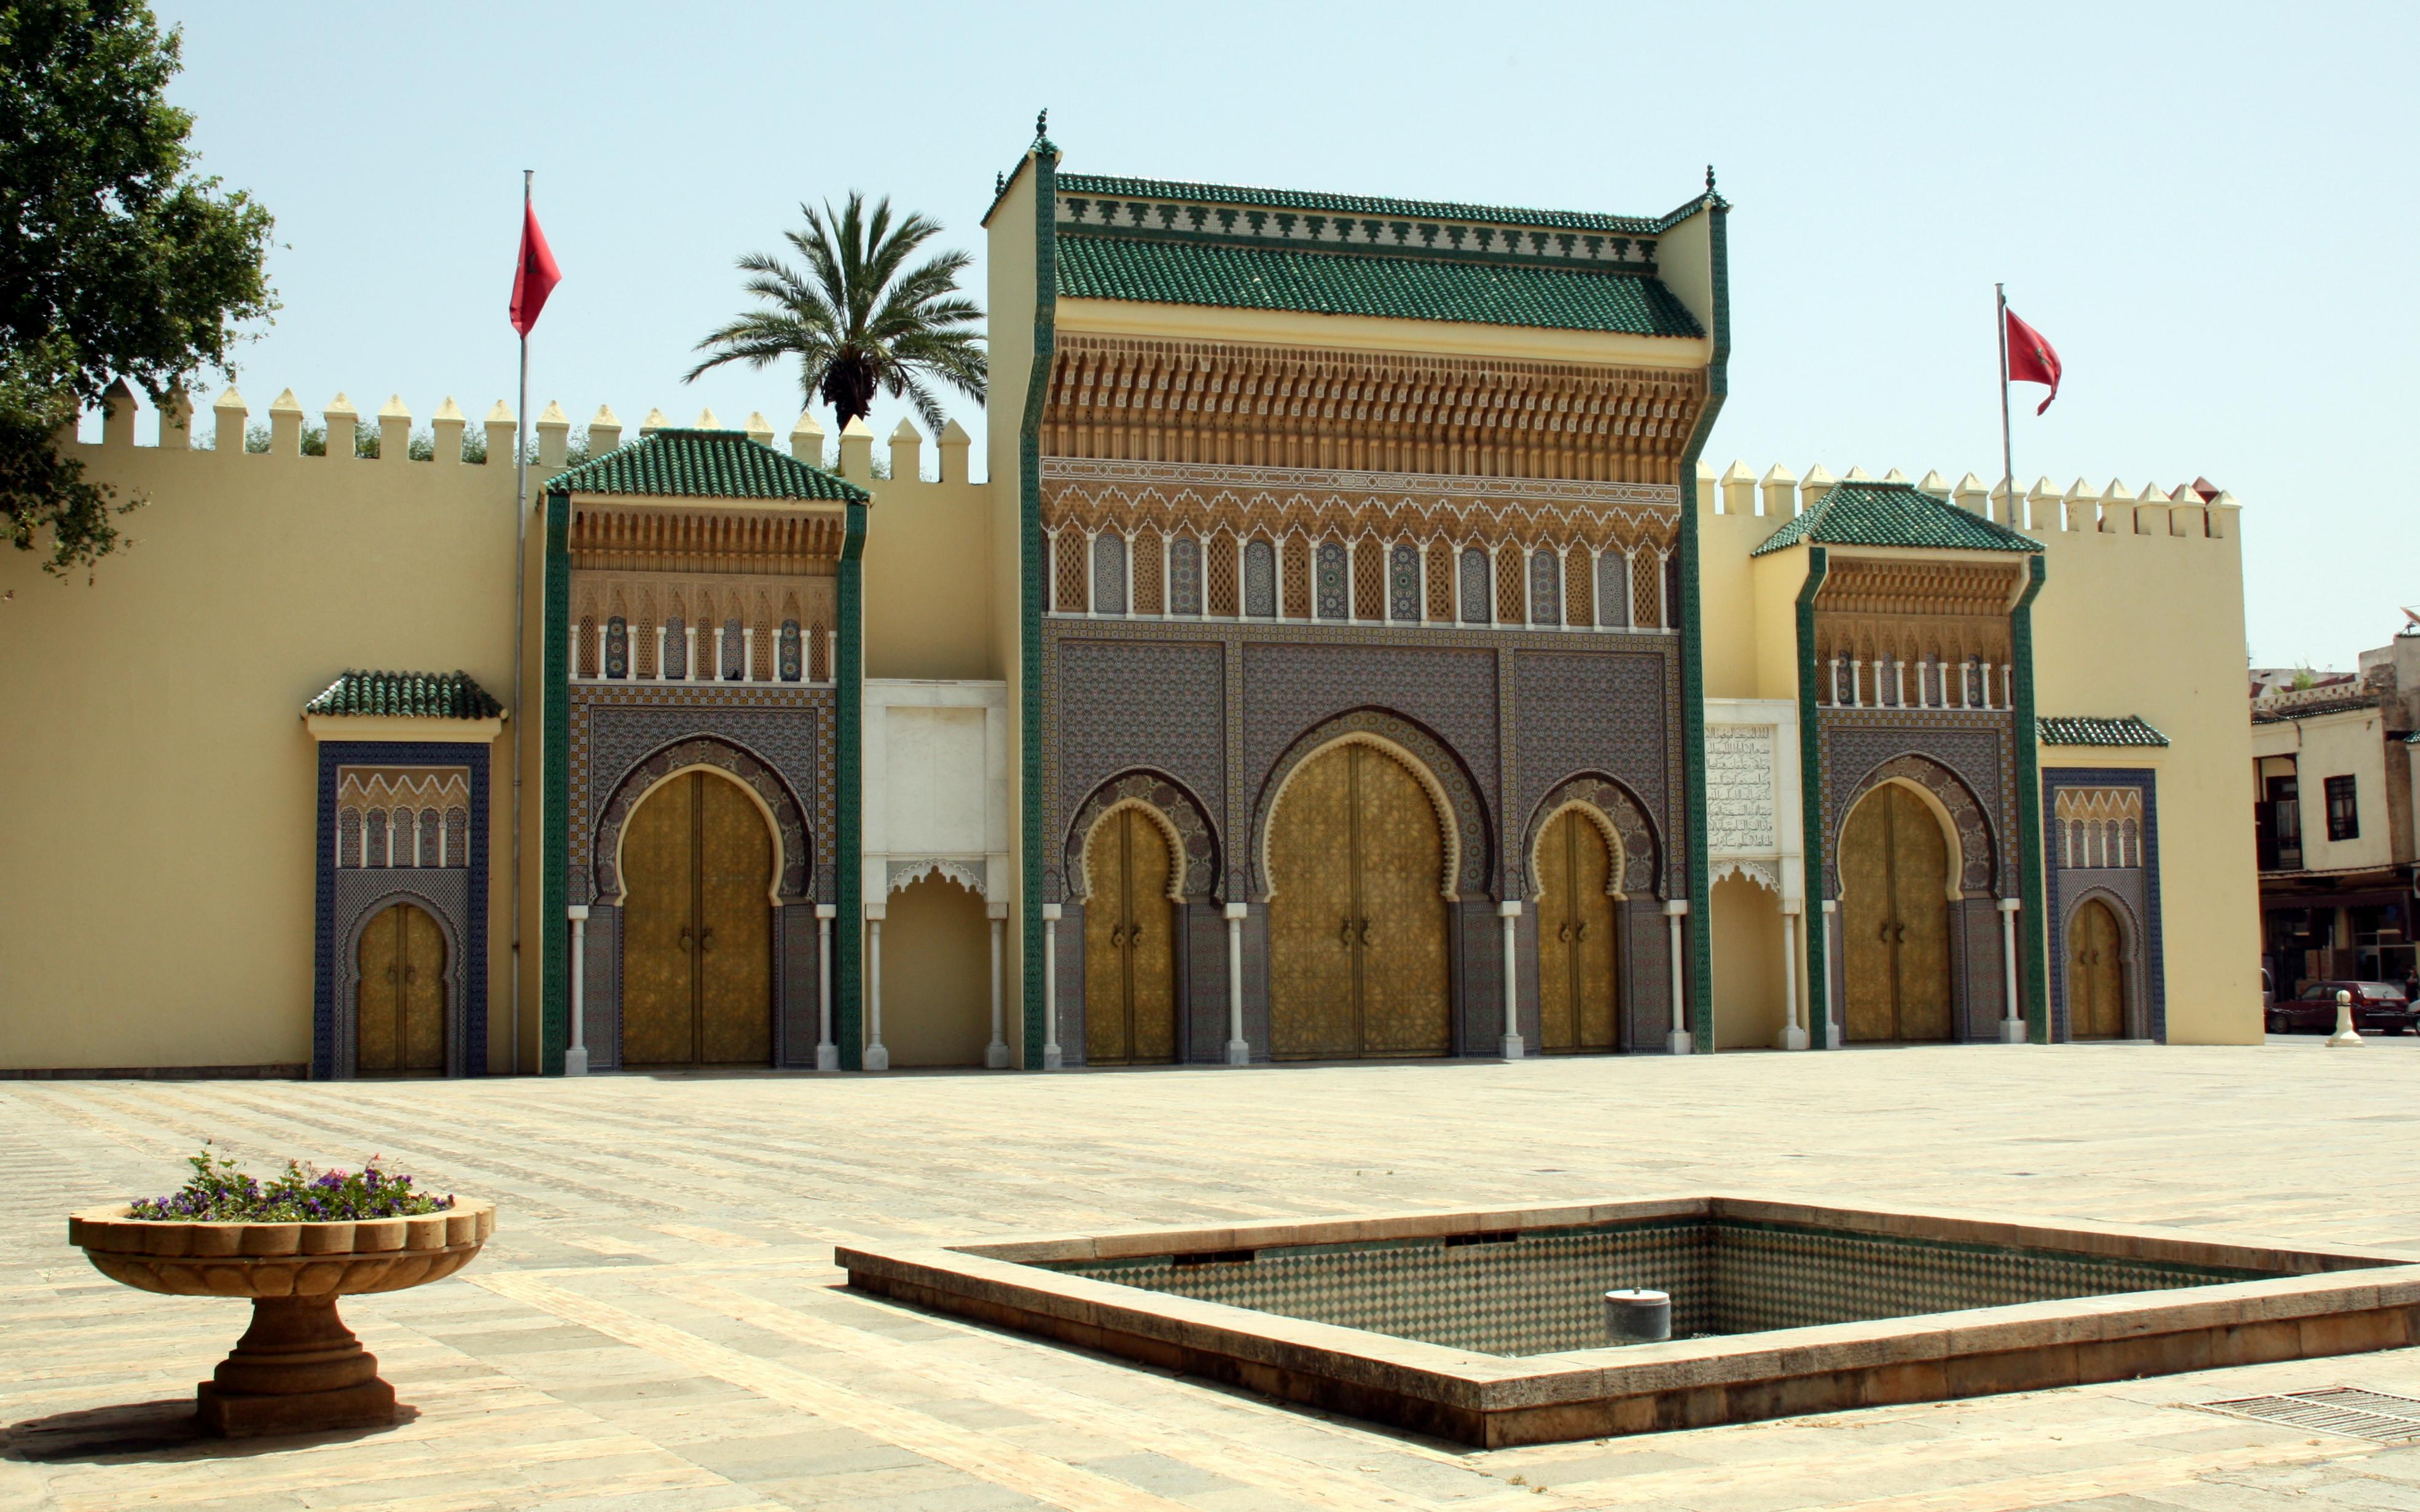 Palau Reial Fez